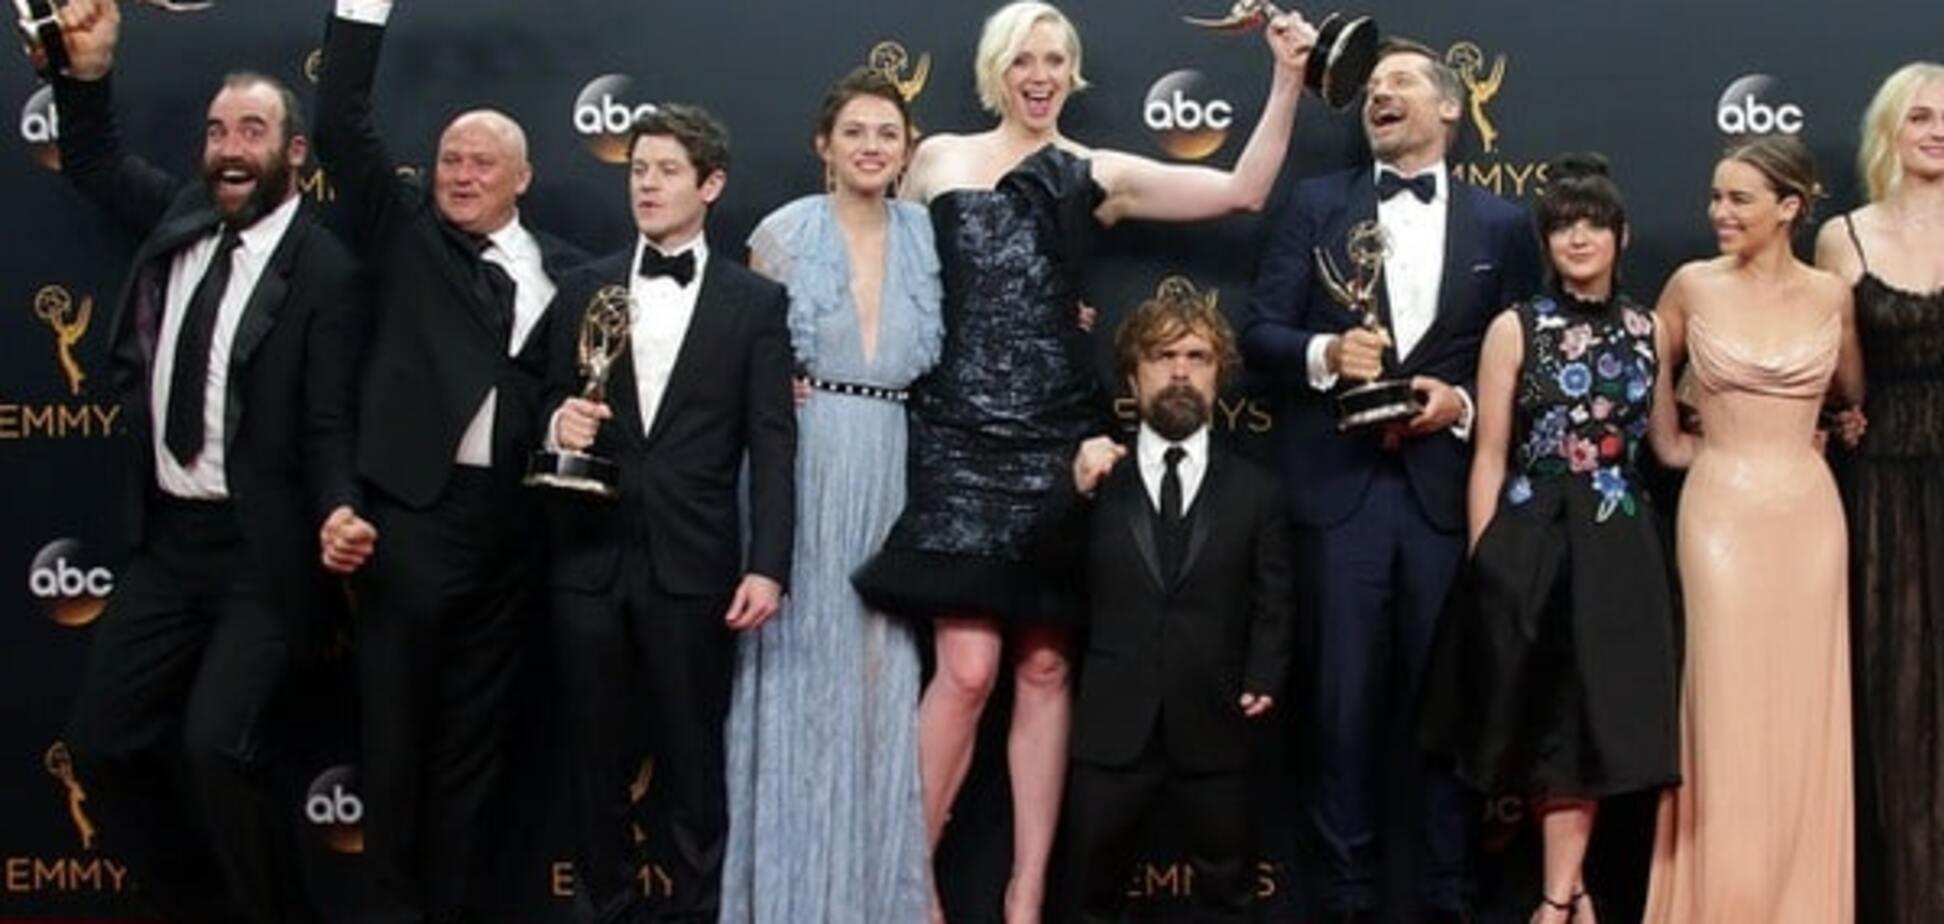 Рекорд 'Гри престолів' і черговий успіх 'Шерлока': у США вручили премію 'Еммі'